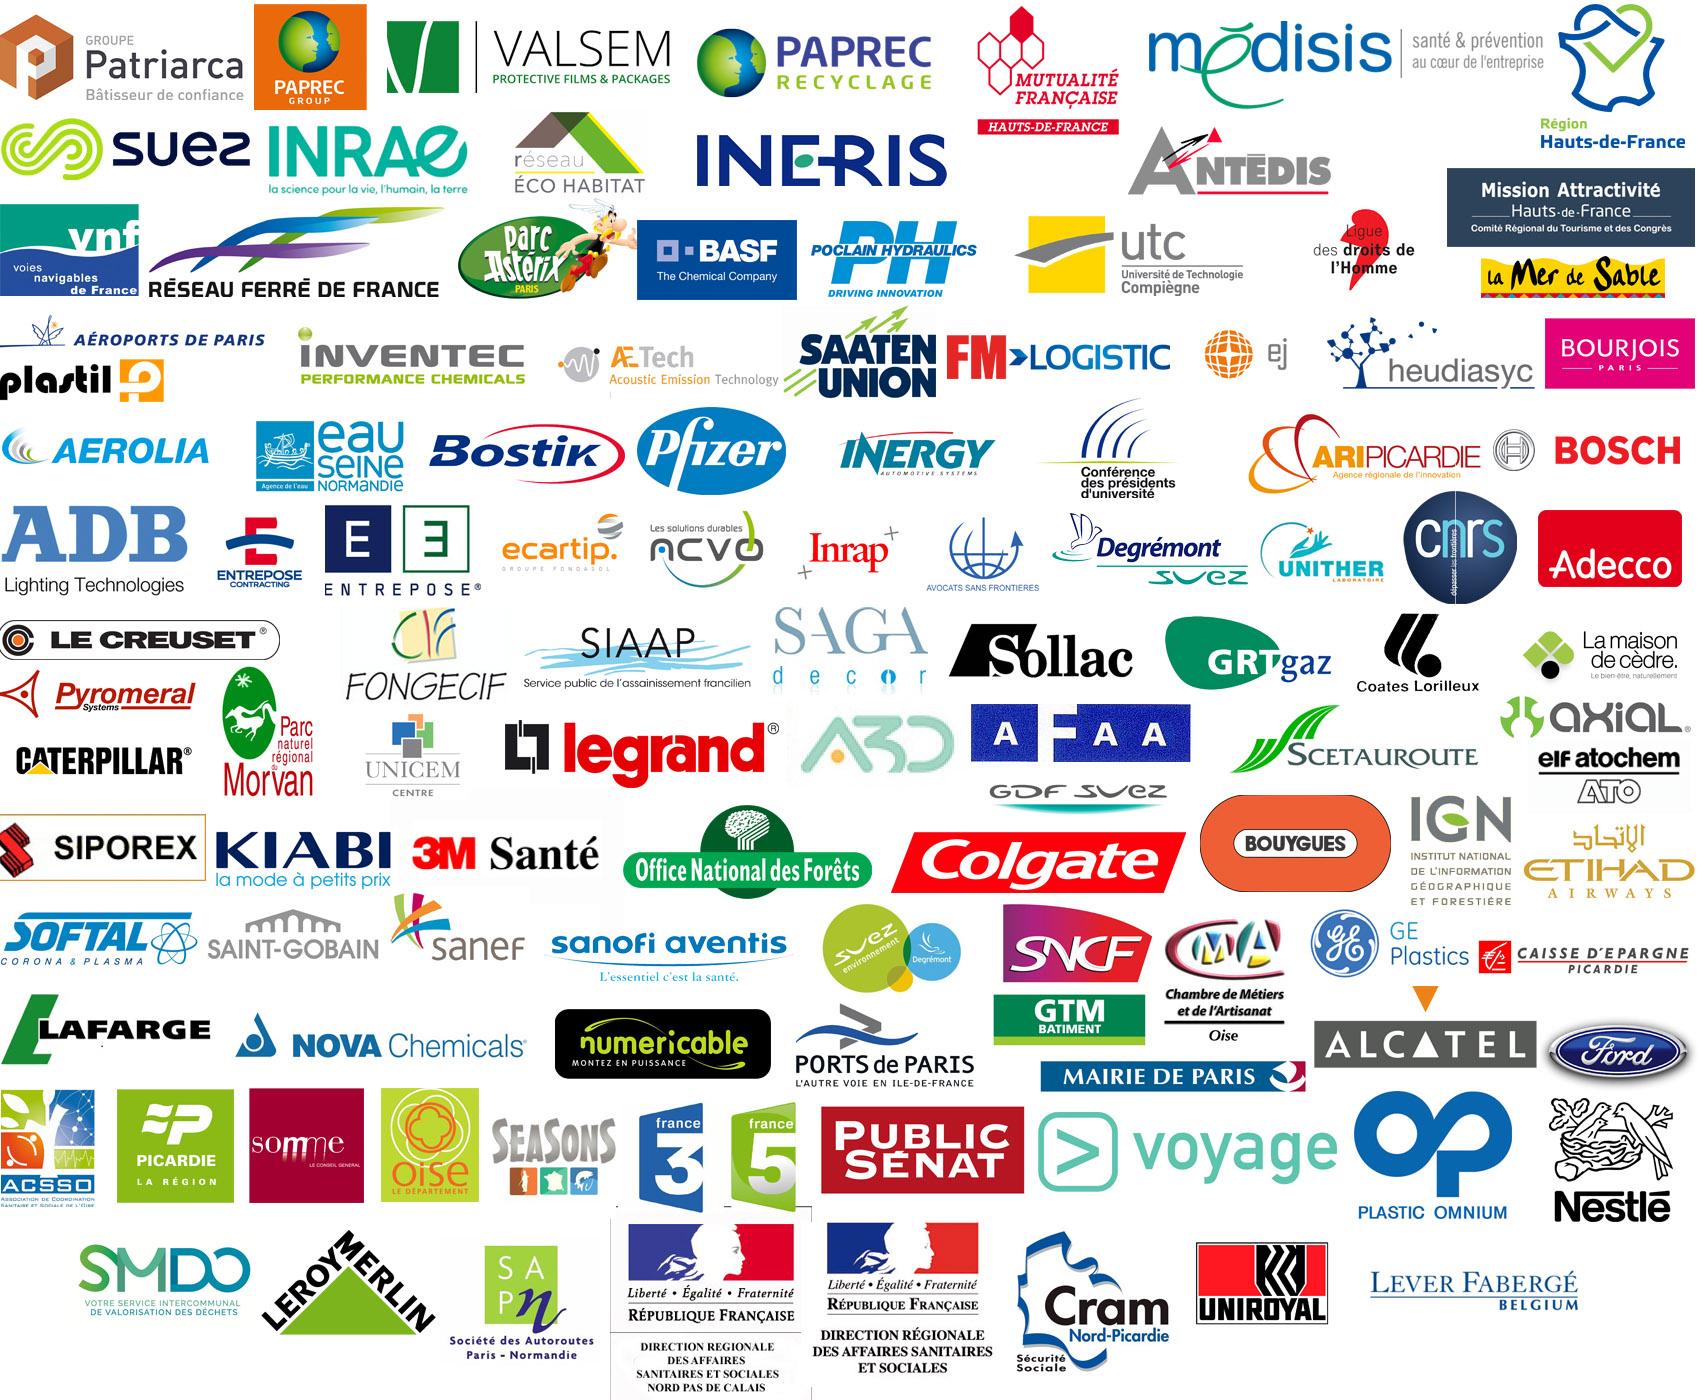 Depuis sa création en 1984 VIC PRODUCTION société de communication audiovisuel a réalisé plusieurs vidéos d'entreprises et films documentaires pour les sociétés suivantes : voir leurs logos